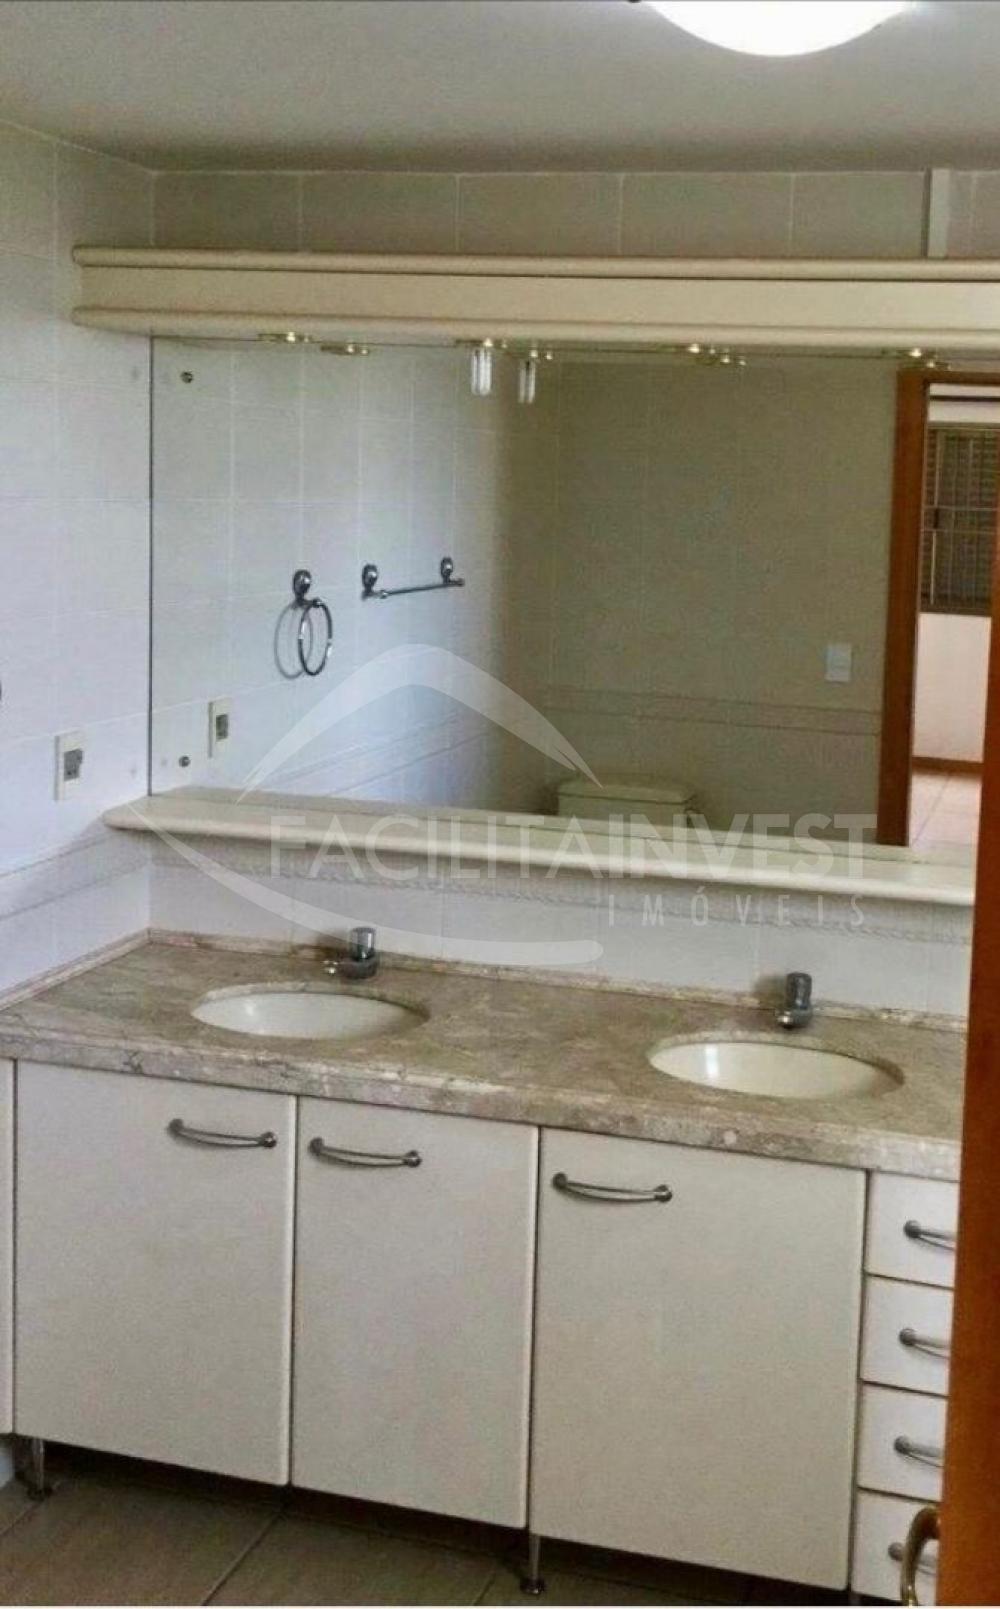 Alugar Apartamentos / Apart. Padrão em Ribeirão Preto R$ 2.200,00 - Foto 11